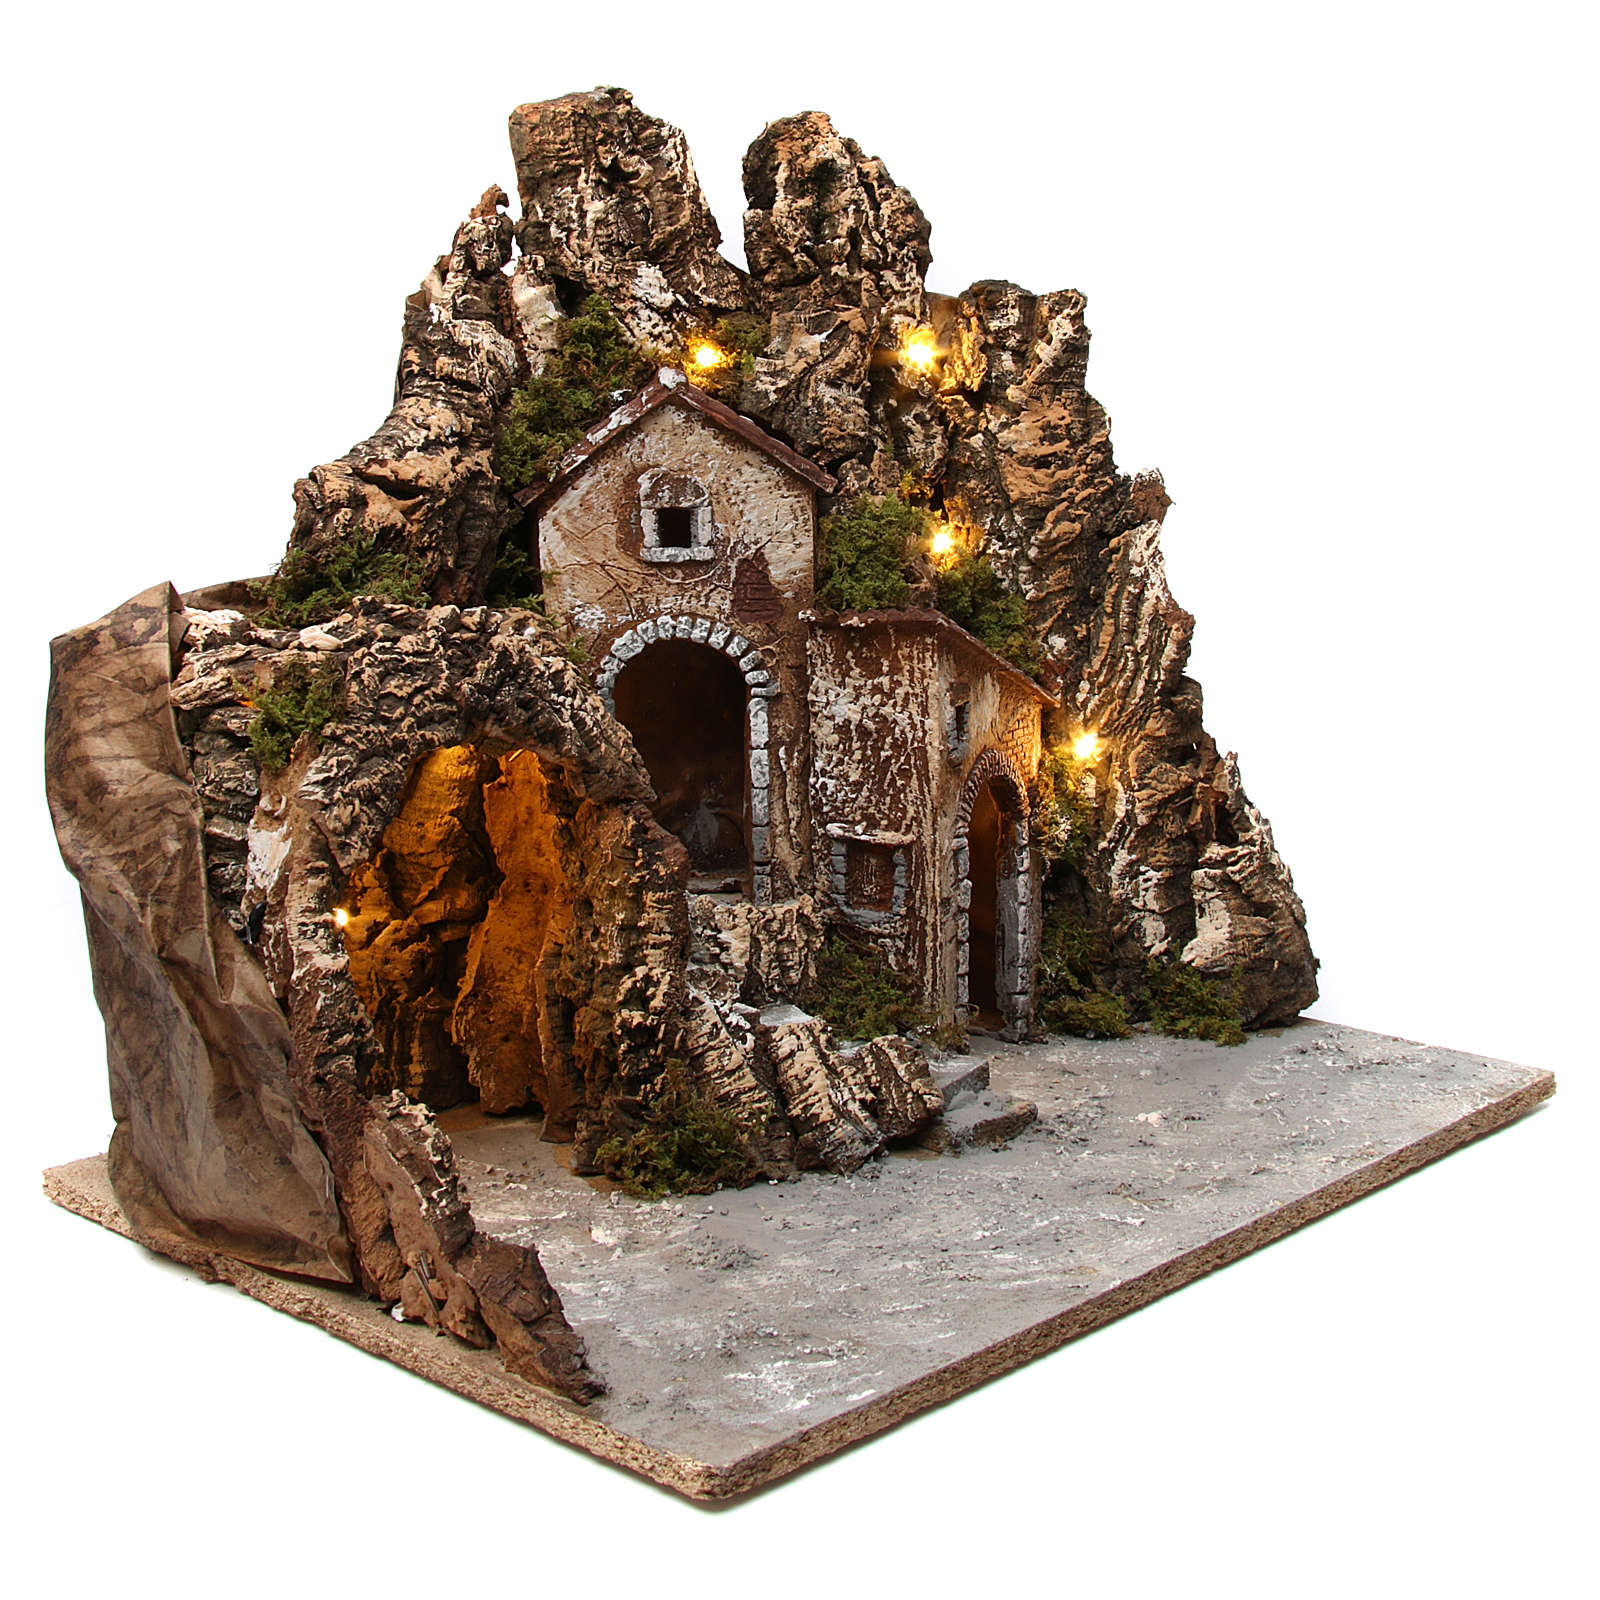 Décor crèche éclairé avec grotte et maisons 55x60x60 cm bois et liège 4